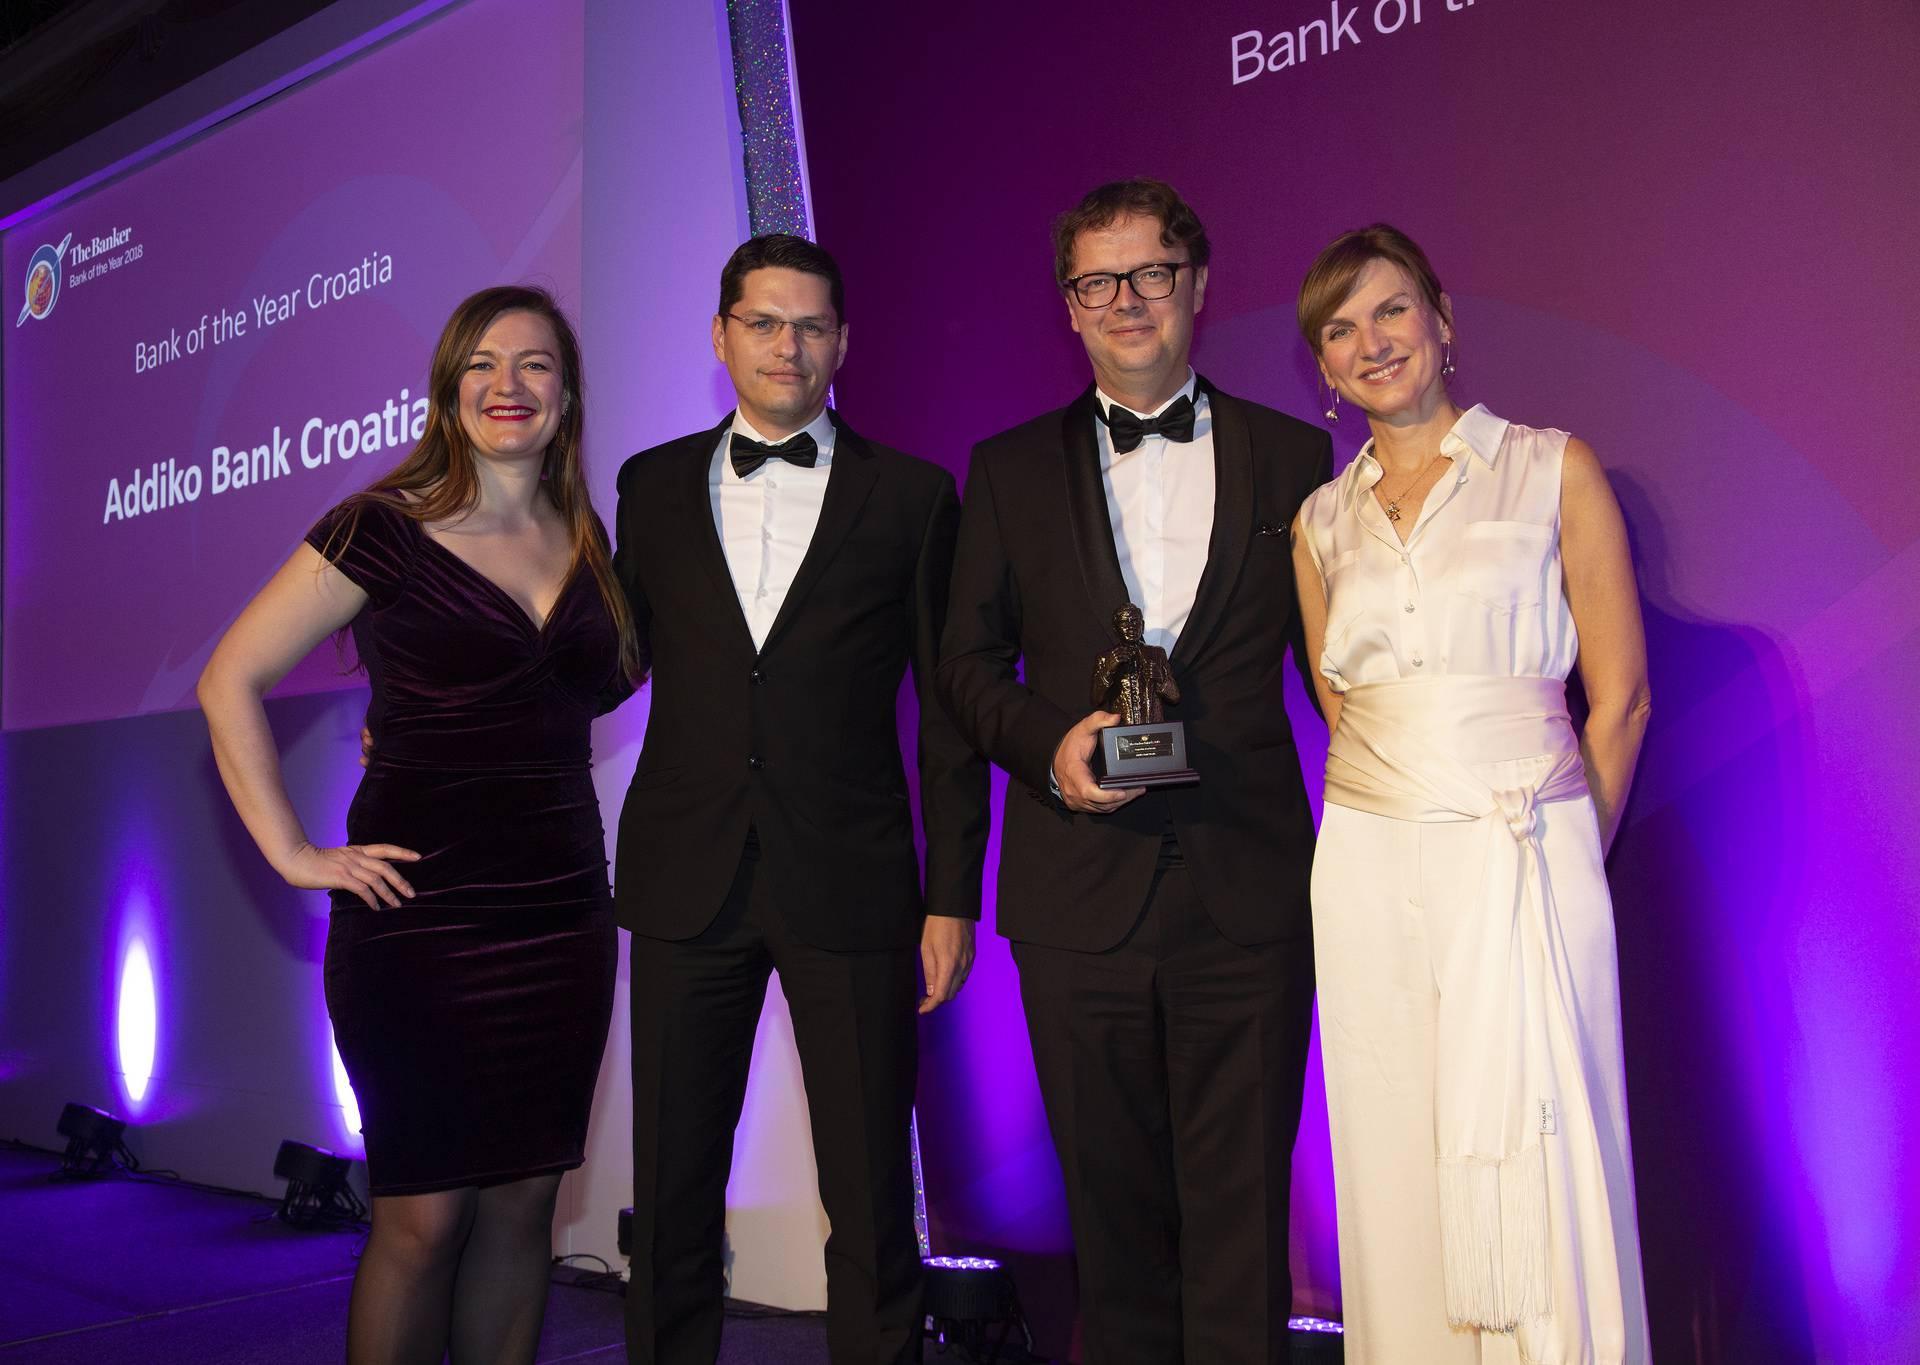 Addiko Bank osvojila prestižnu nagradu za banku godine